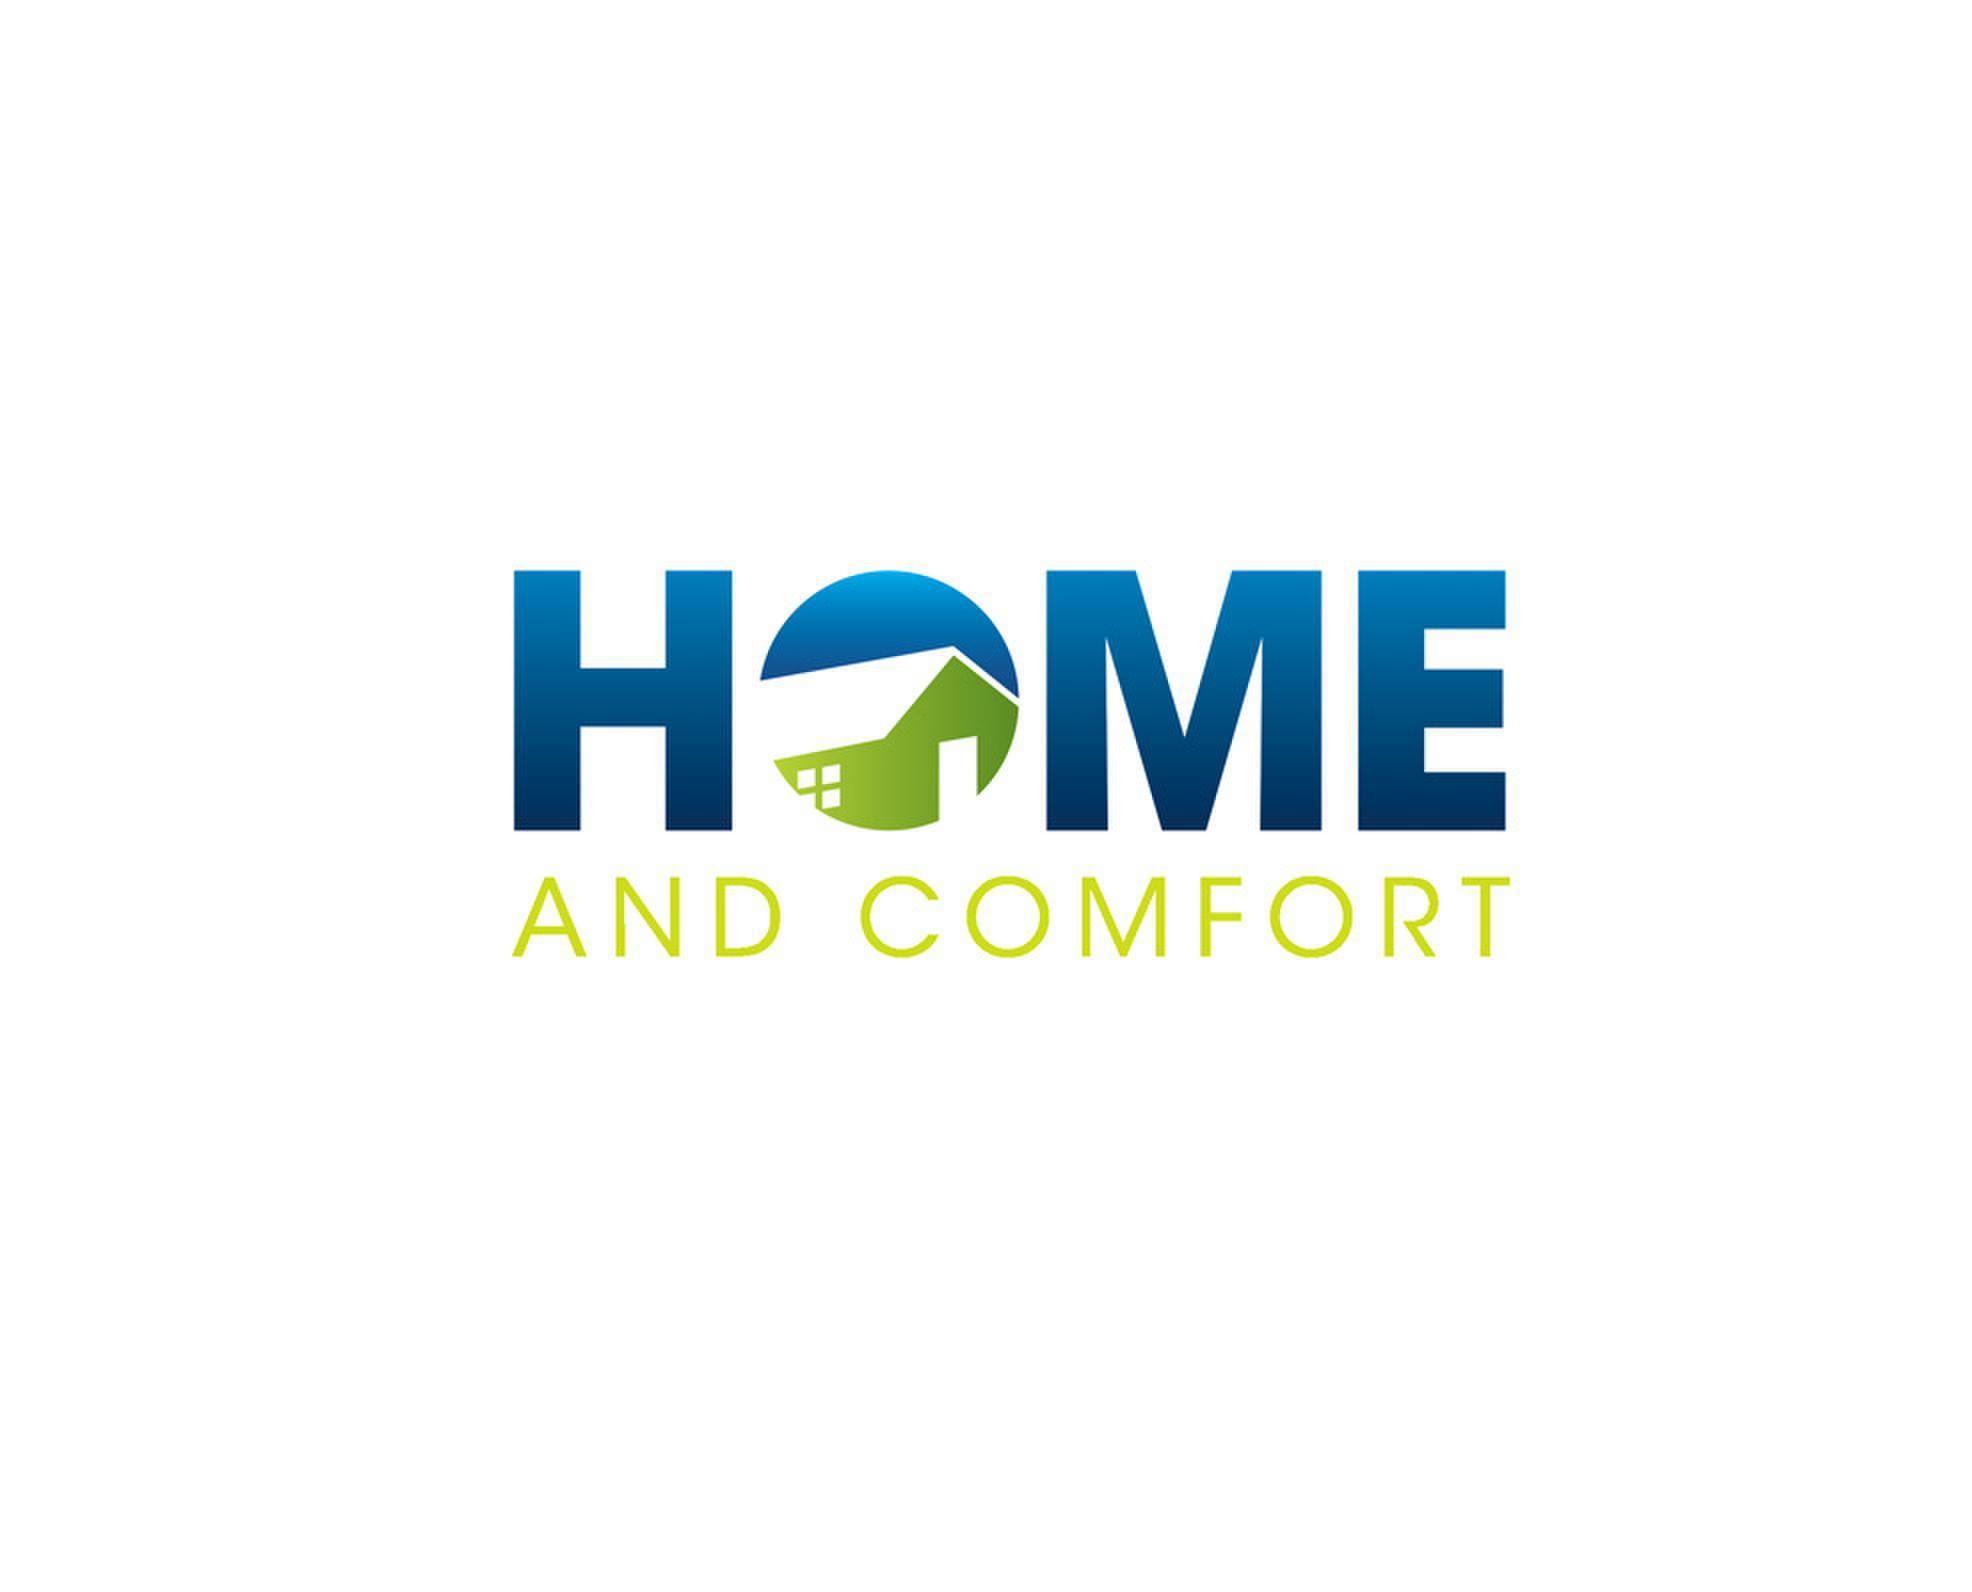 sample_logo_home_confort.jpg